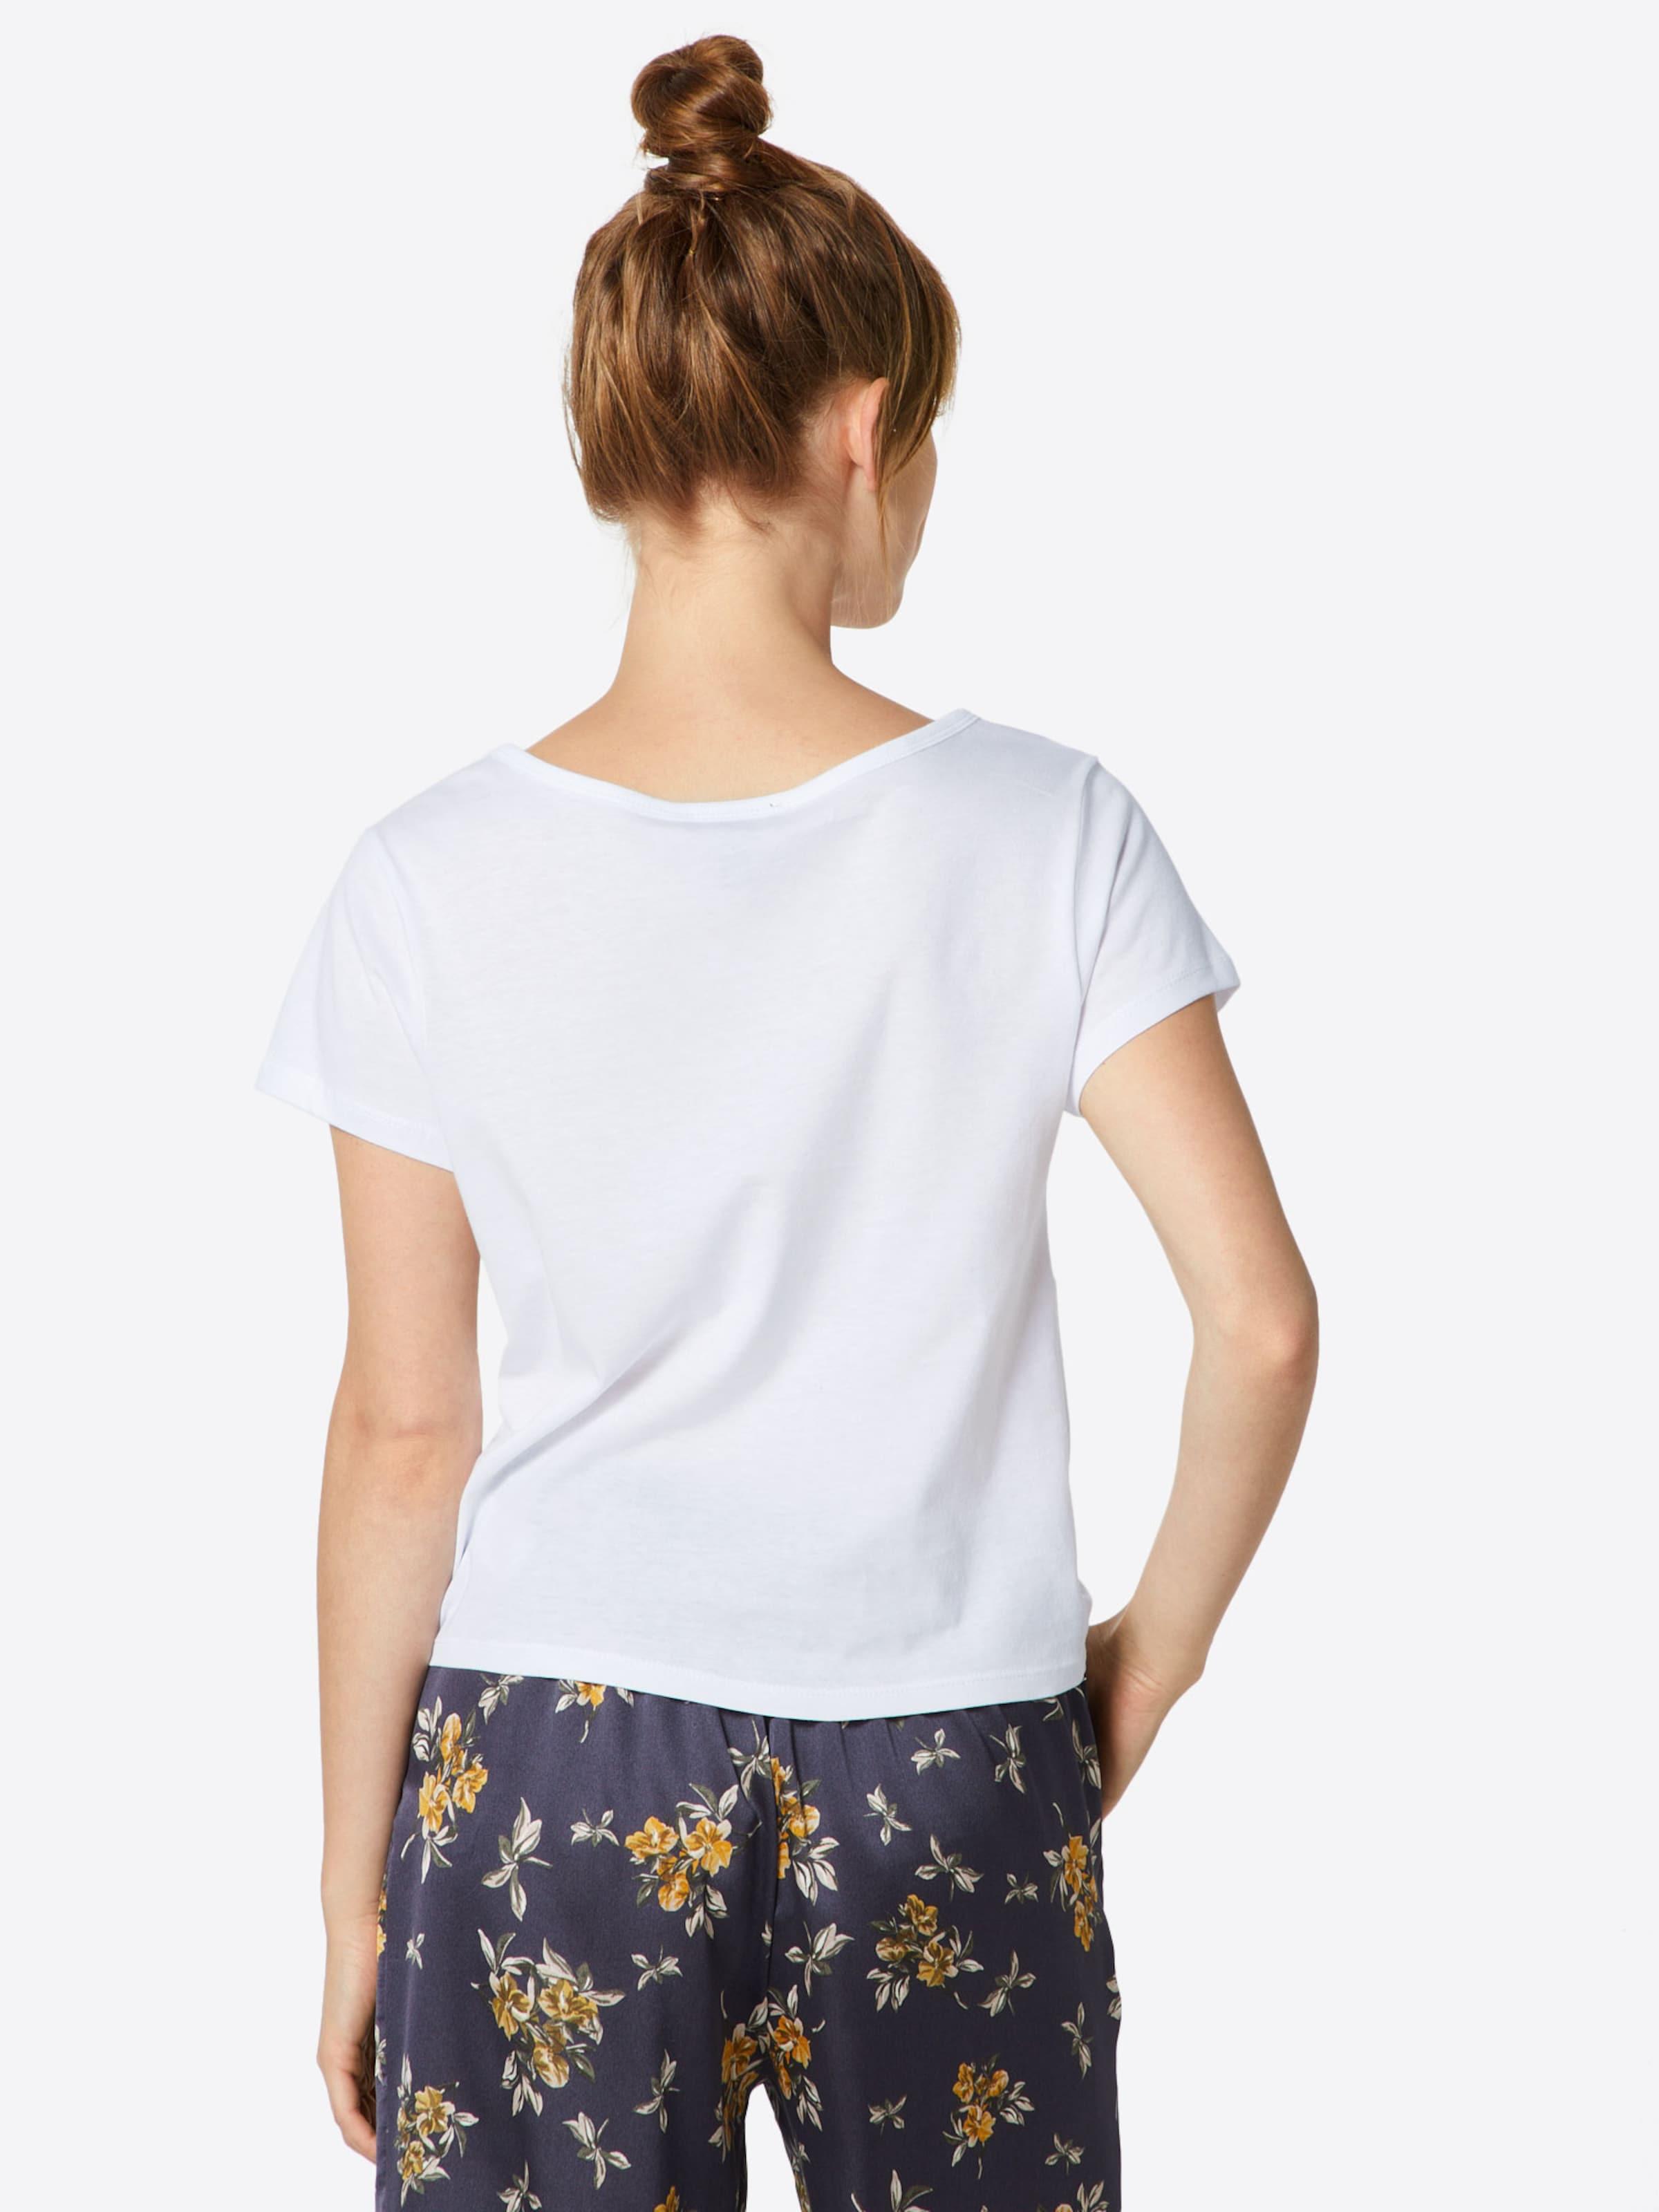 shirt New Look En Blanc T zMpSUGqV